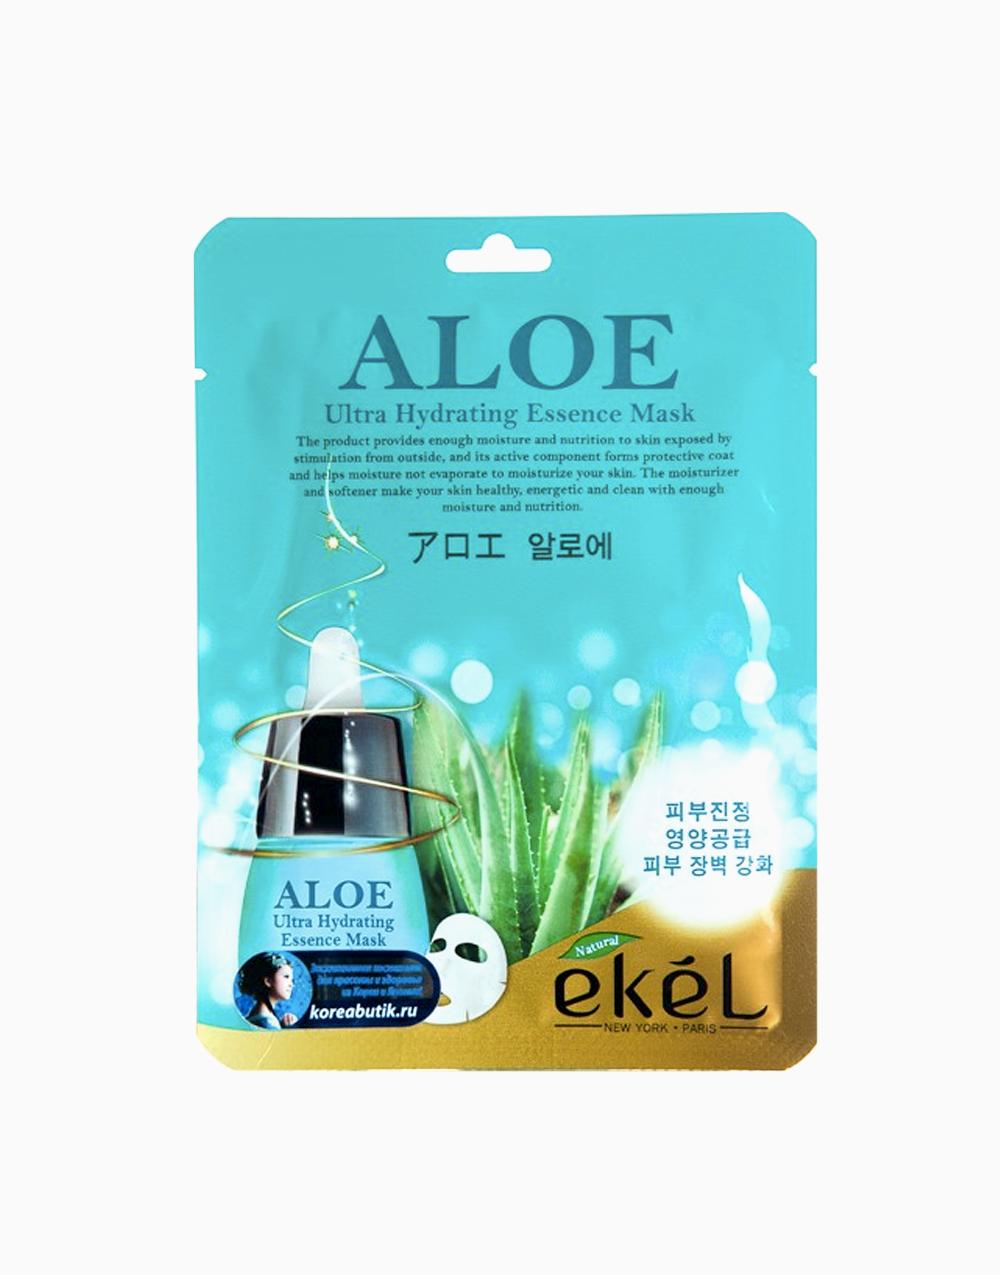 Aloe Mask by Ekel